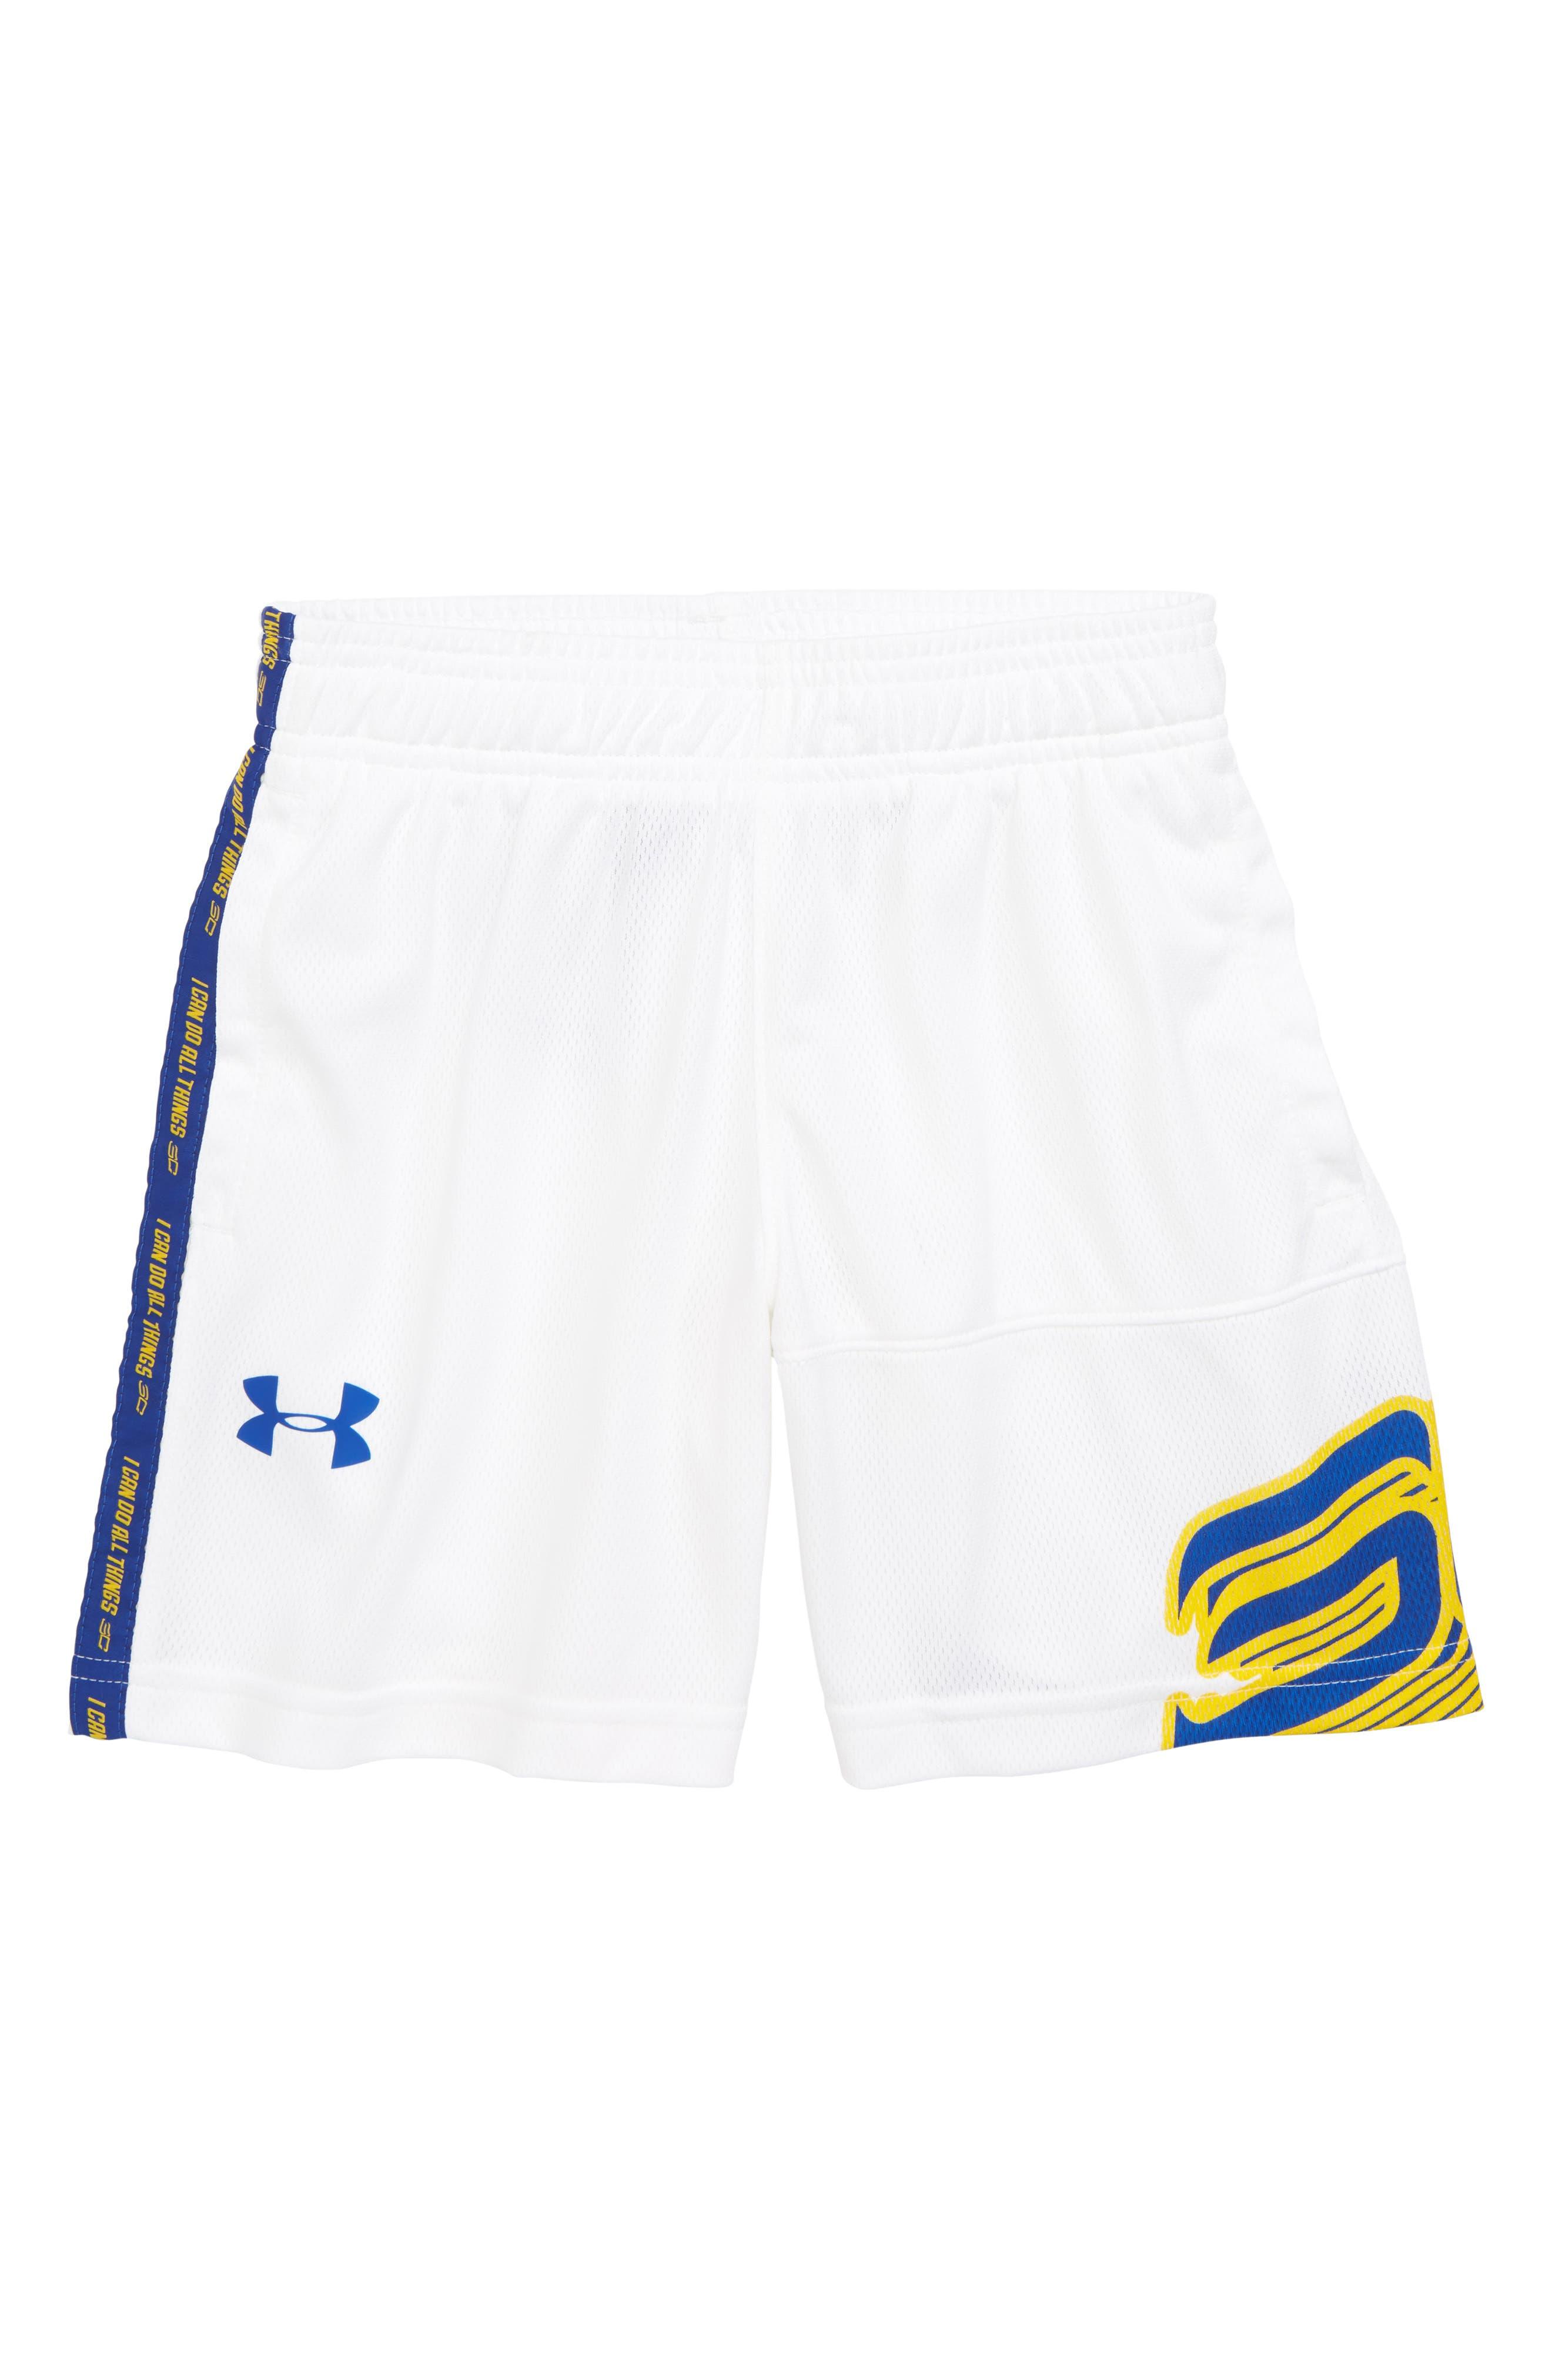 SC30 Basketball Shorts,                             Main thumbnail 1, color,                             White/ Royal